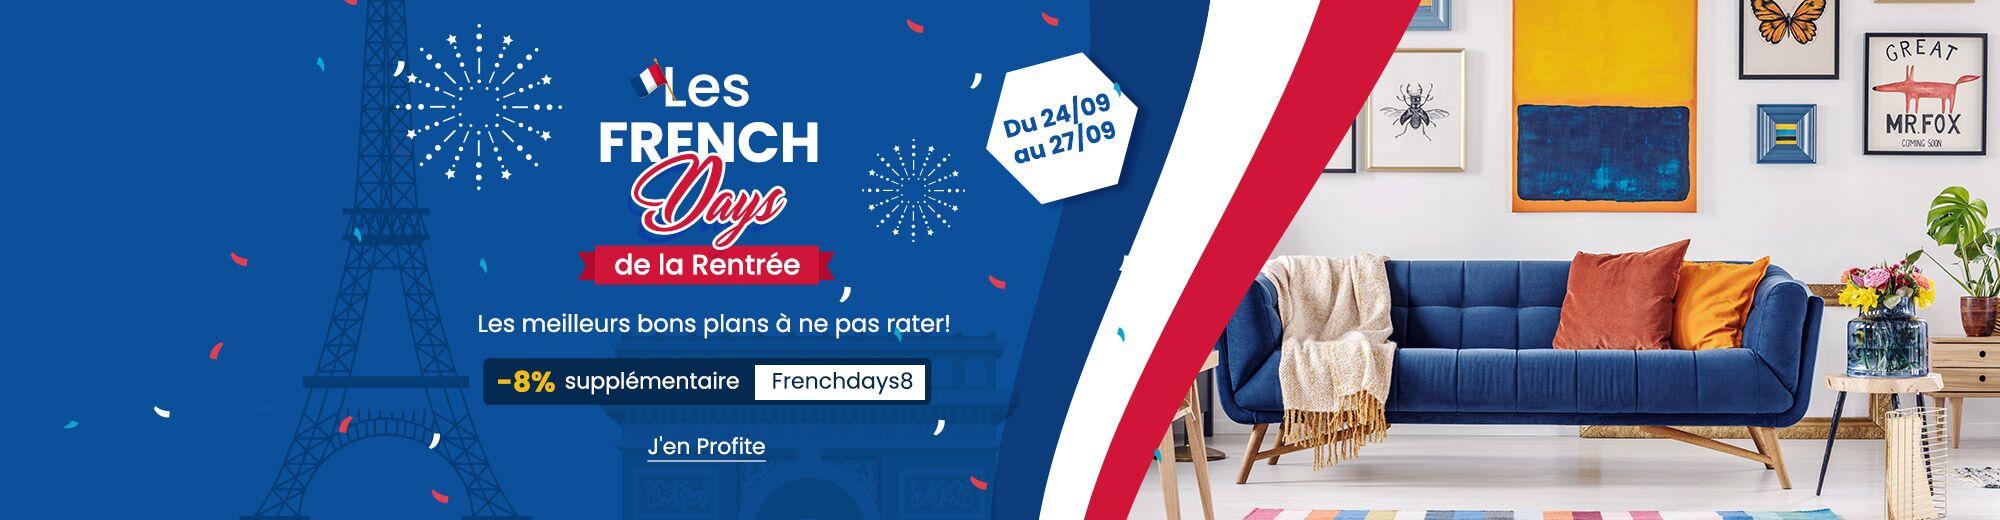 Rattrapez-vous avec les French Days de la rentrée chez Costway! Découvrez tous les bons plans et profitez d'une livraison gratuite sur tout le site costway.fr!